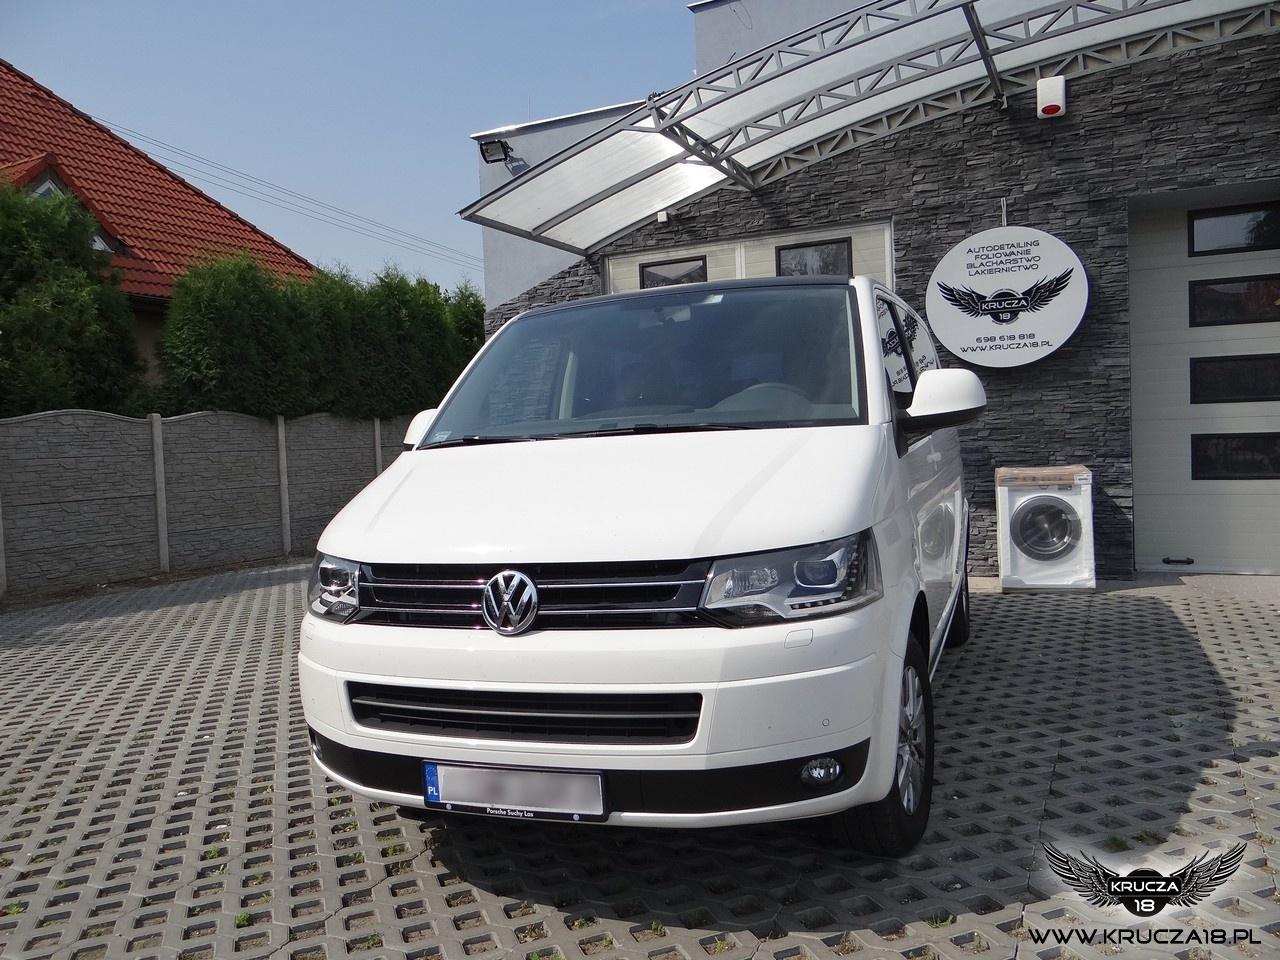 VW MULTIVAN : zmiana koloru auta folia : biały połysk / czarny mat : oklejanie : Krucza18 : Osielsko/k.Bydgoszczy